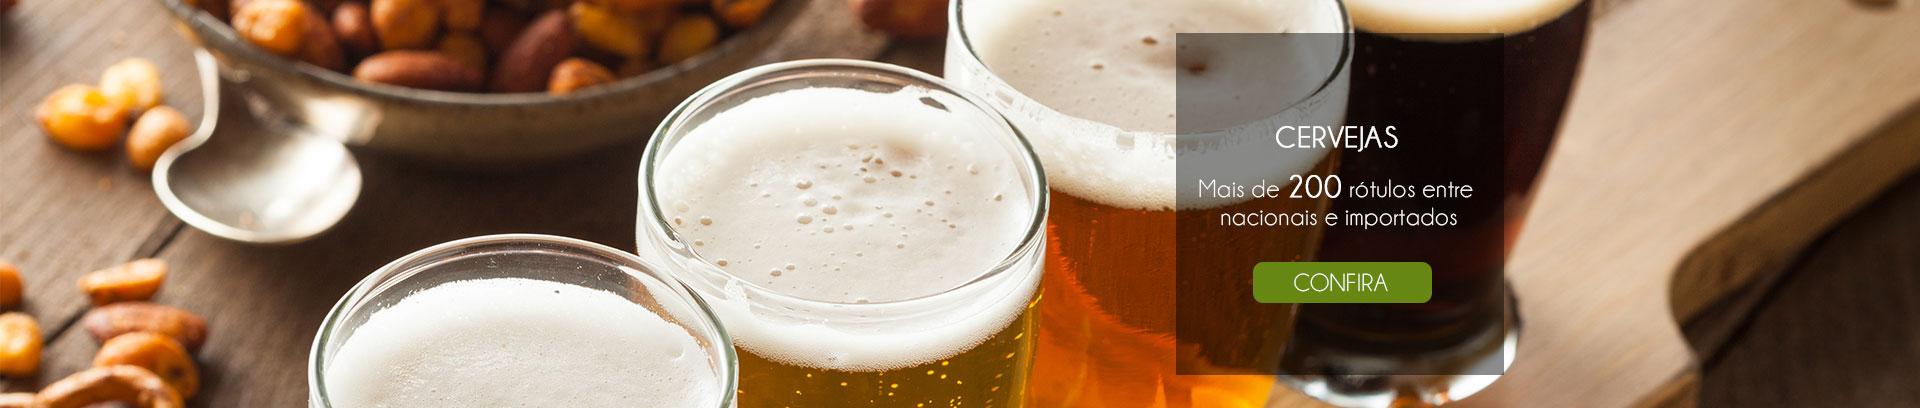 Home | Cervejas